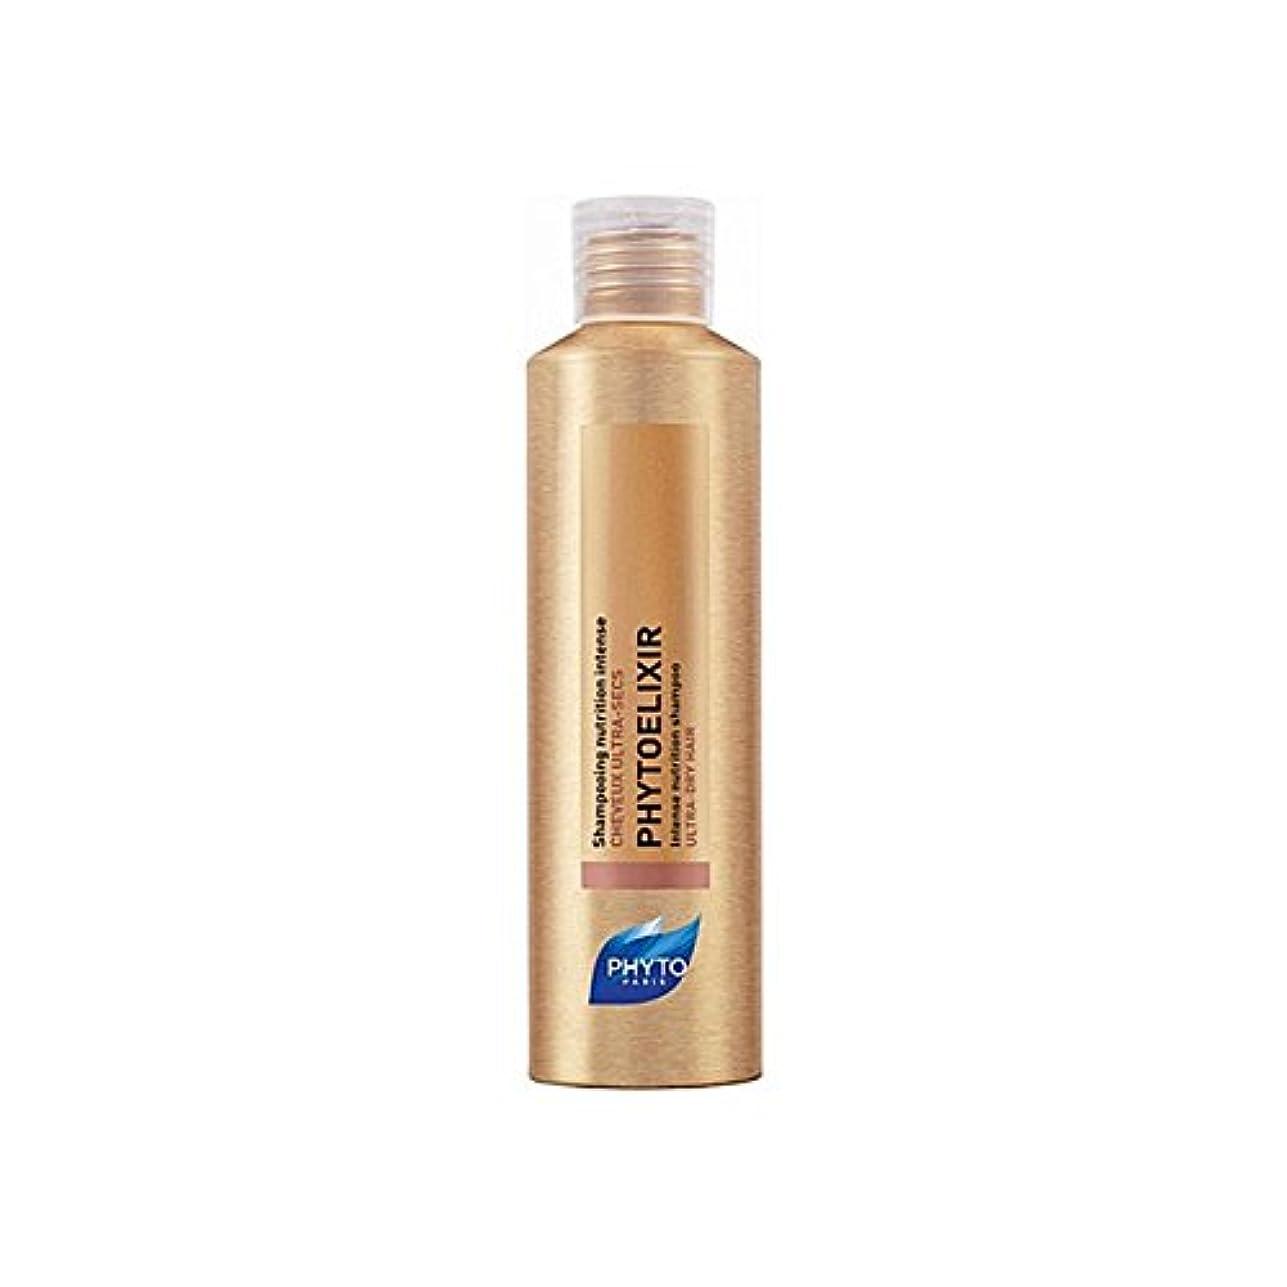 一口してはいけません適応Phyto Phytoelixir Intense Nutrition Shampoo - フィトの強烈な栄養シャンプー [並行輸入品]